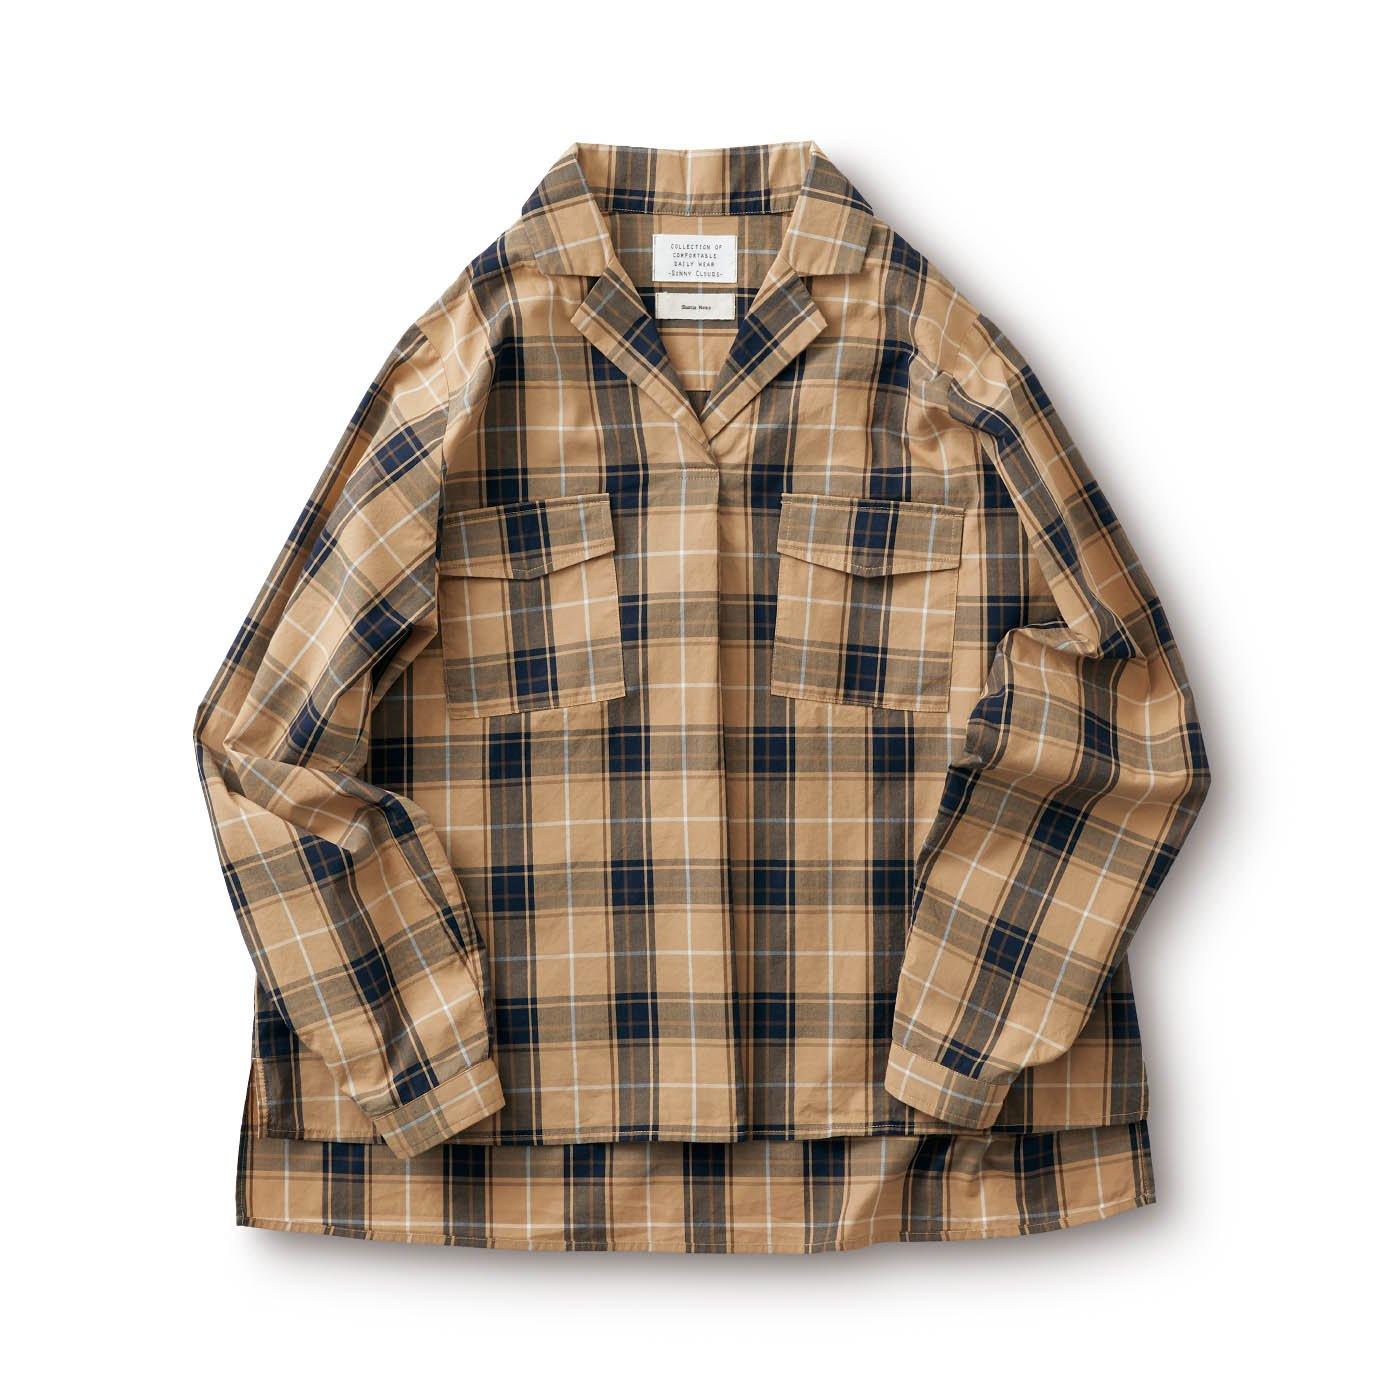 サニークラウズ feat. Shuttle Notes テーラー衿のチェックシャツ〈レディース〉